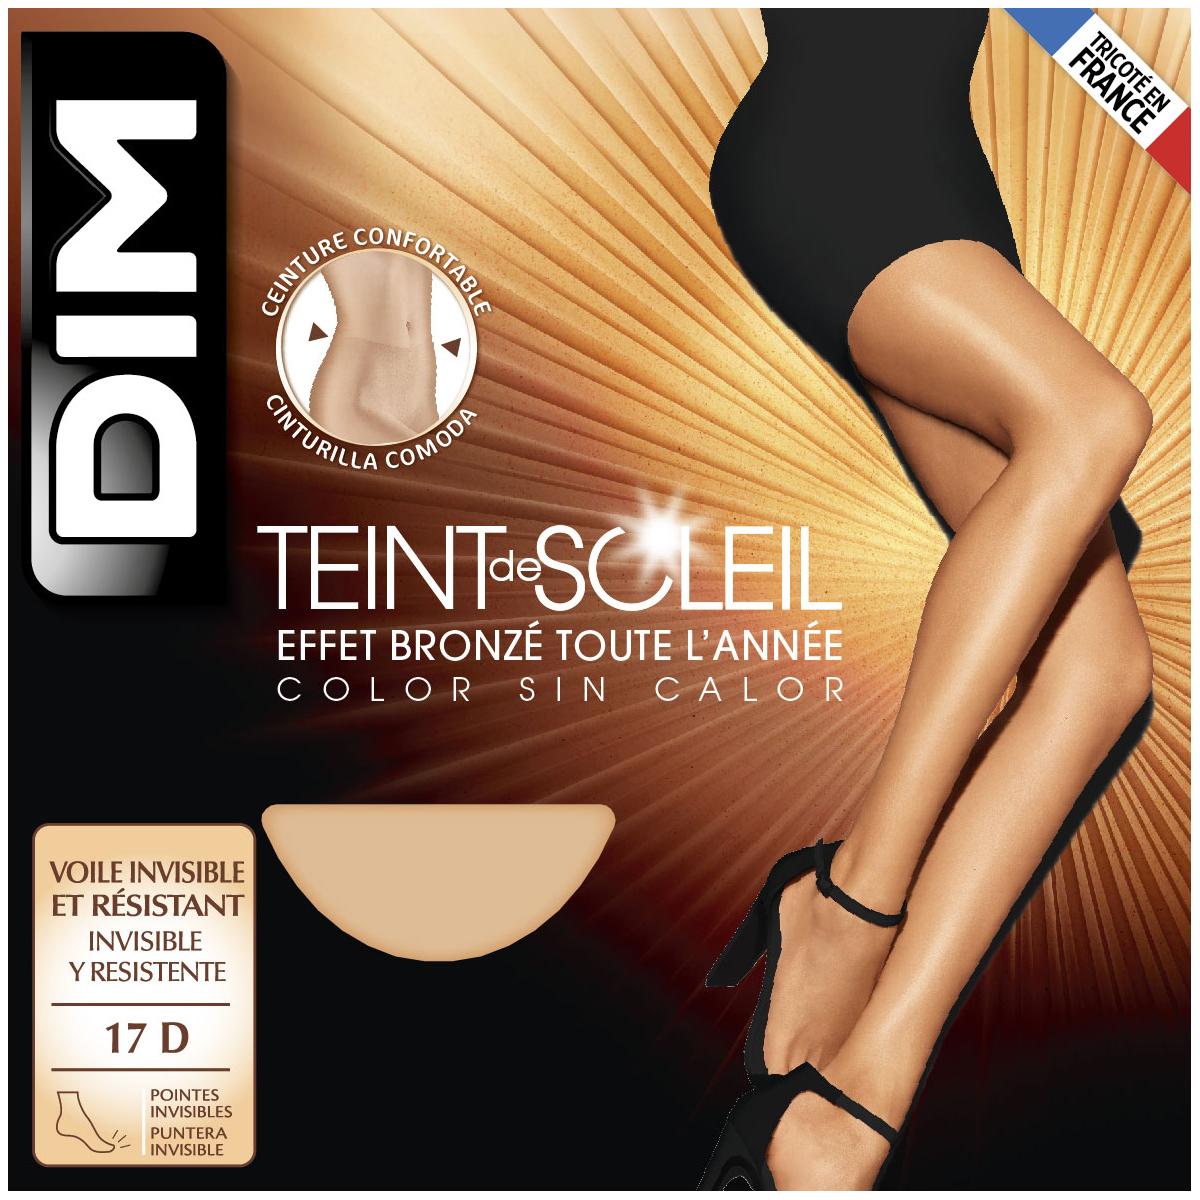 Collant terracotta Teint de Soleil Effet bronzé naturel 17D 583ece7f33c